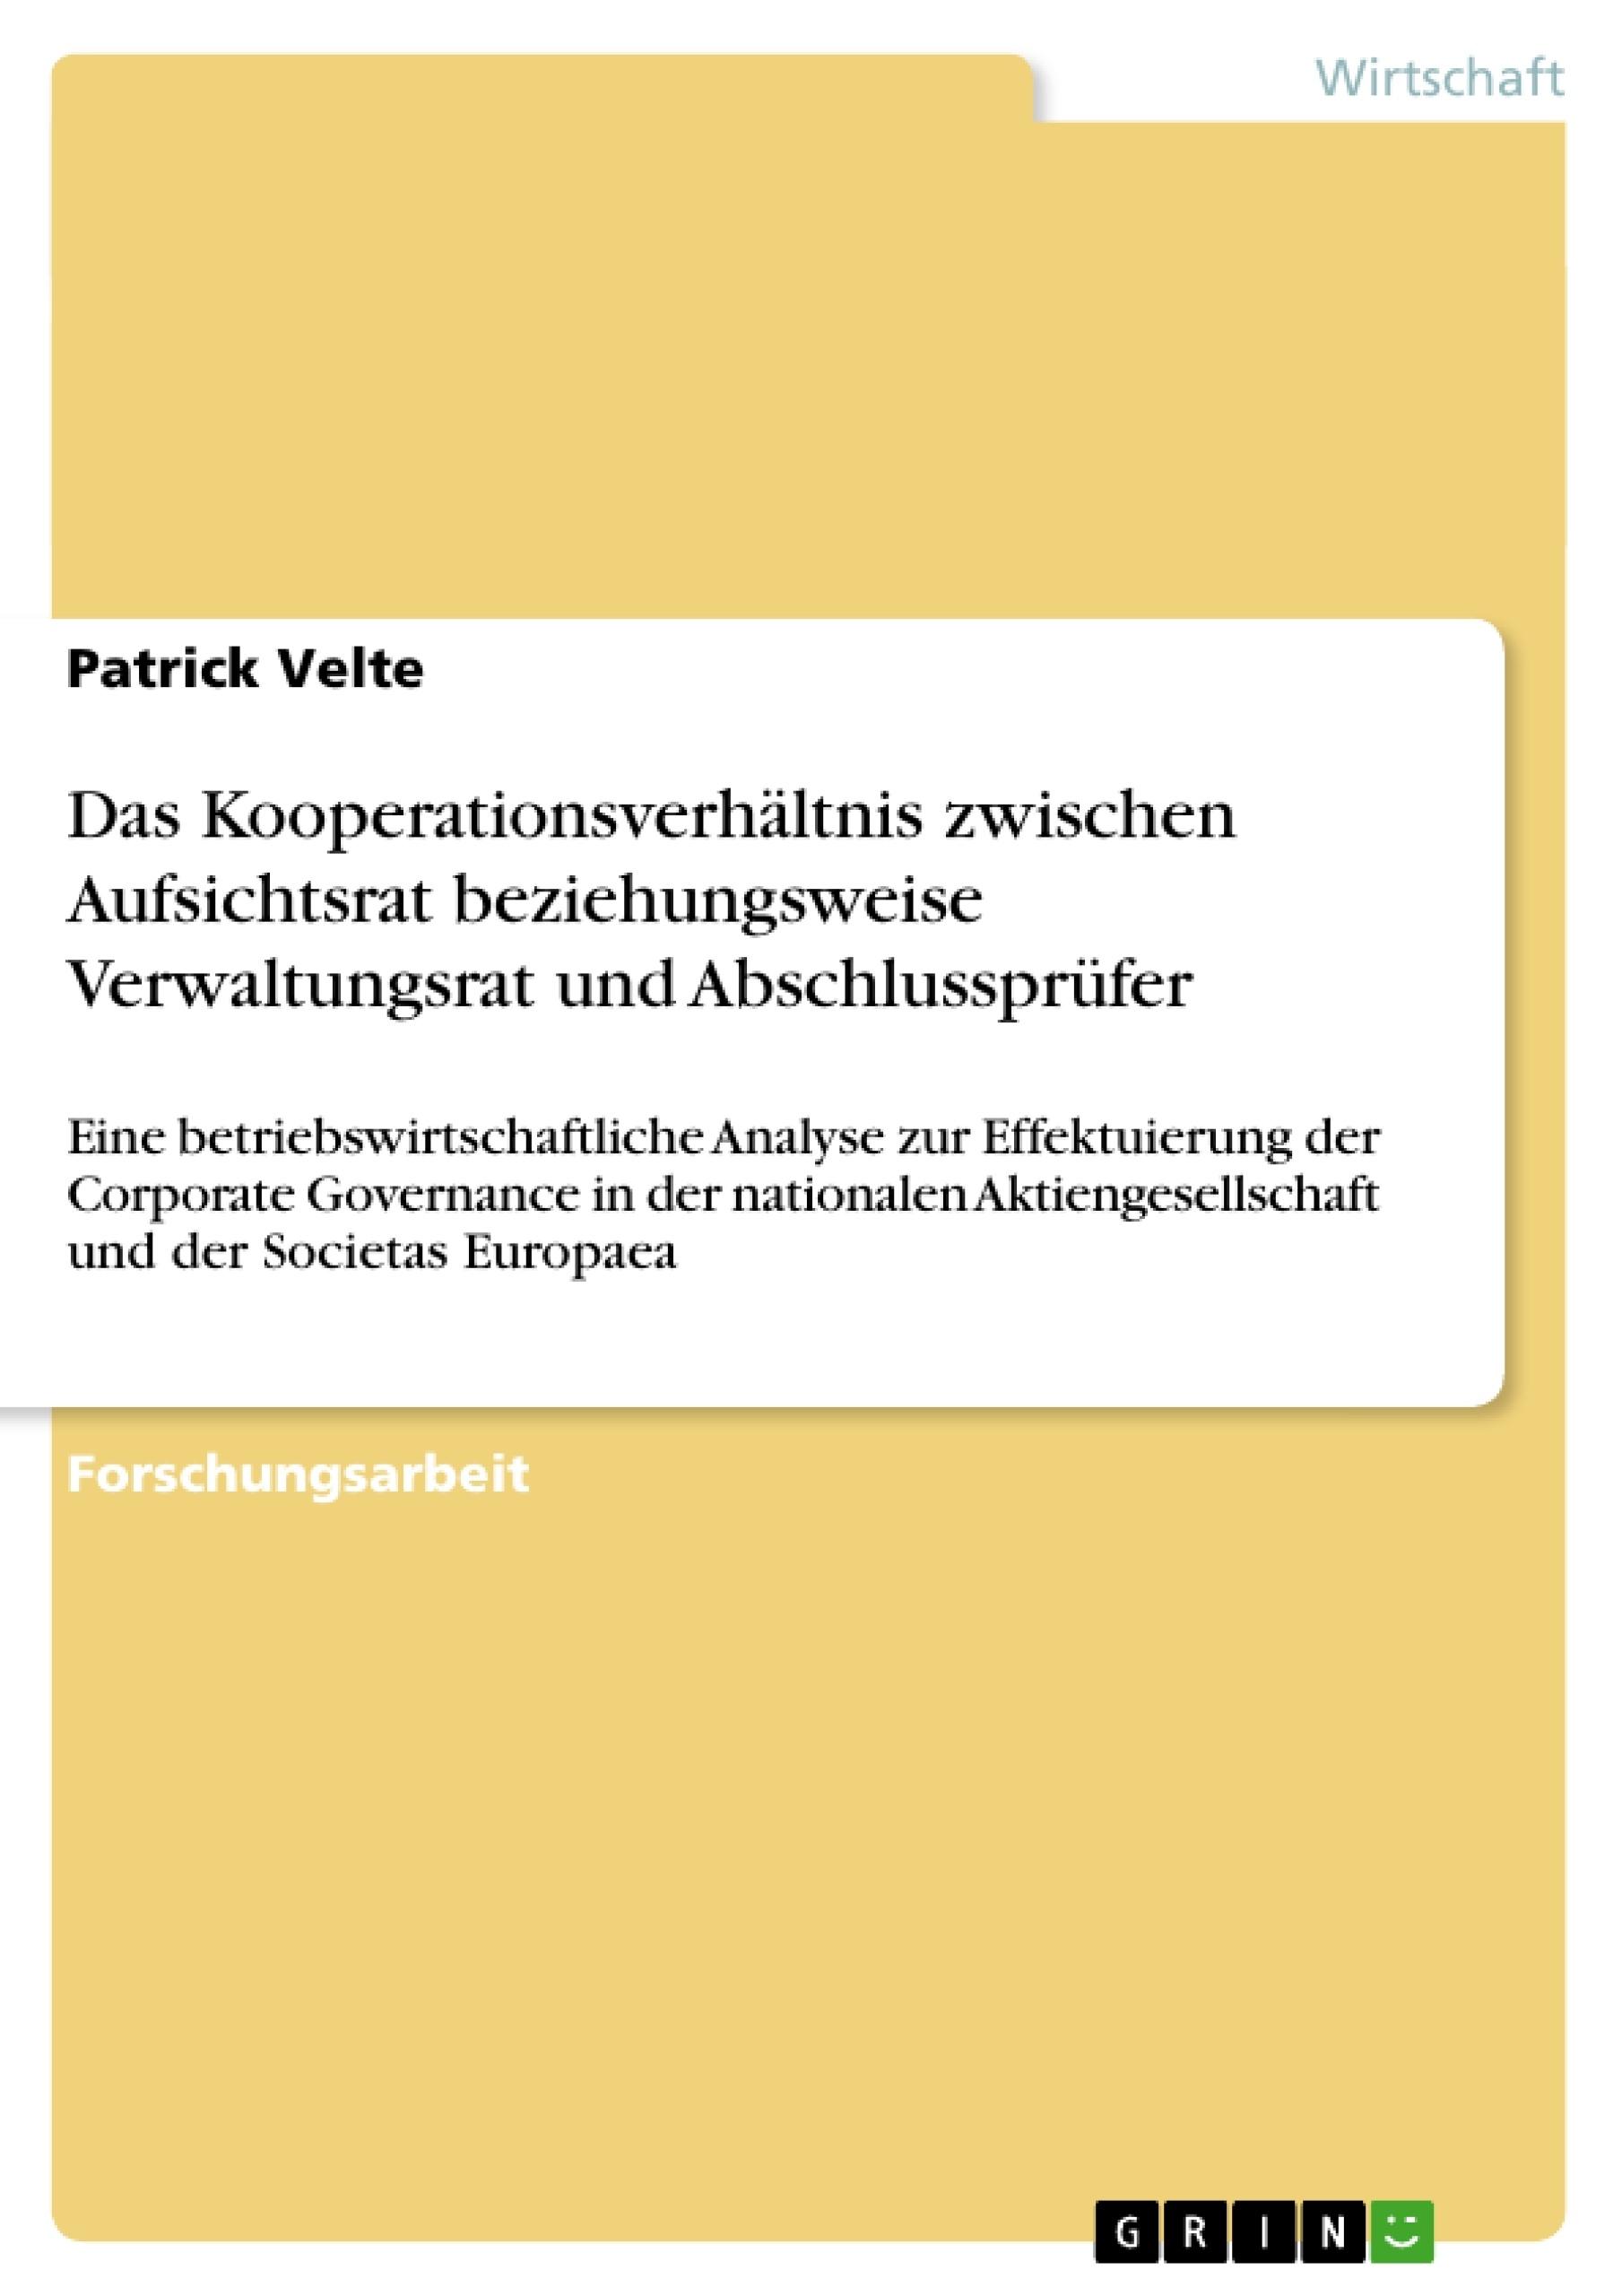 Titel: Das Kooperationsverhältnis zwischen Aufsichtsrat beziehungsweise Verwaltungsrat und Abschlussprüfer